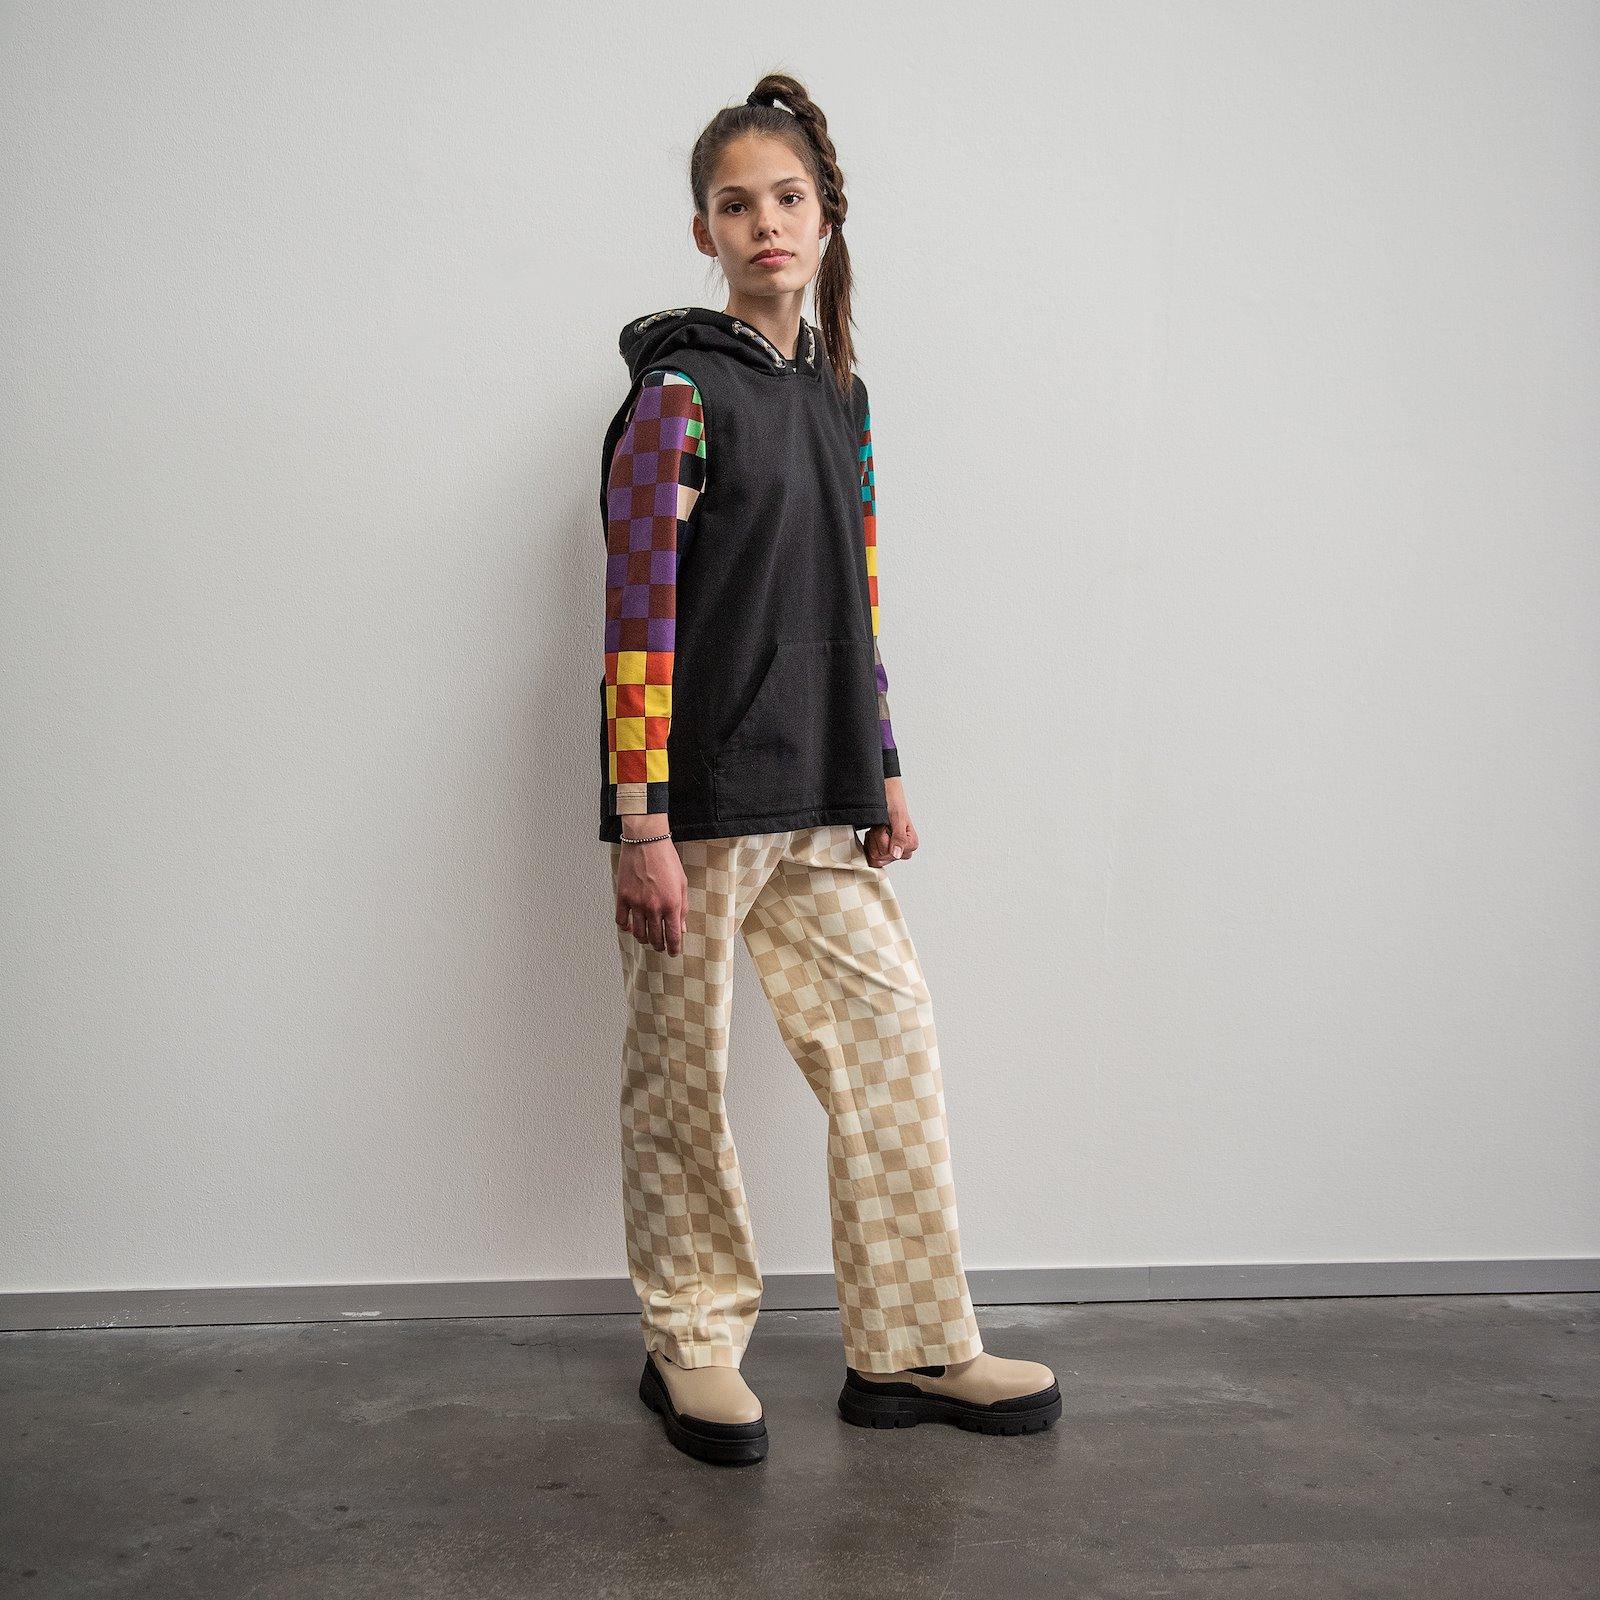 Hoodie waistcoat, 140/10y p62021_211759_230638_43690_22276_p62017_272807_p60034_420420_sskit